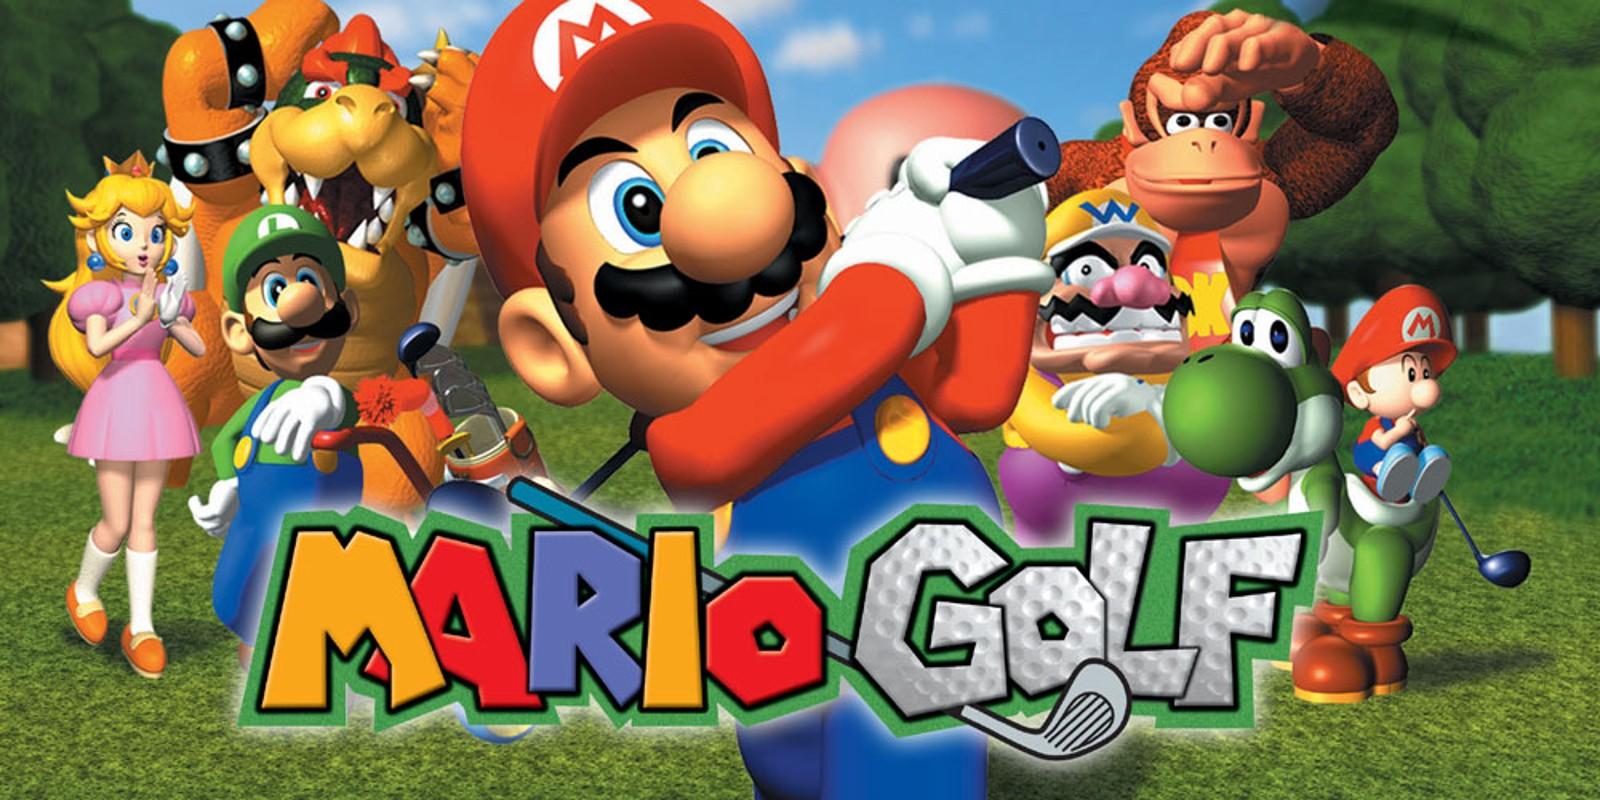 Mario Golf | Nintendo 64 | Games | Nintendo